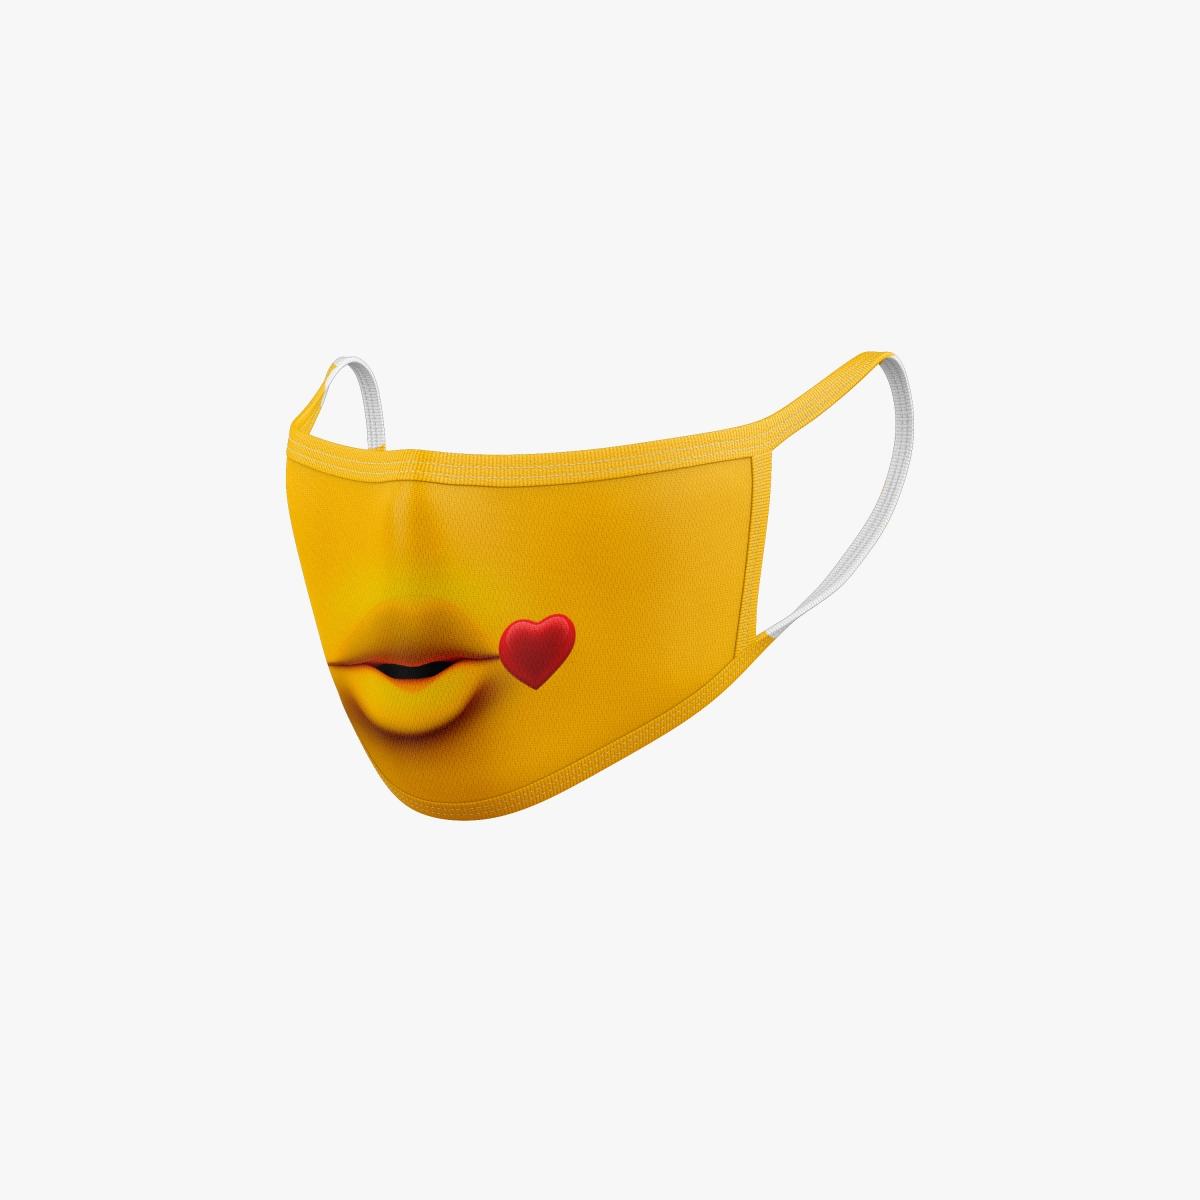 Mimirkrischer Mundschutz Minion Kiss für Kinder und Erwachsene